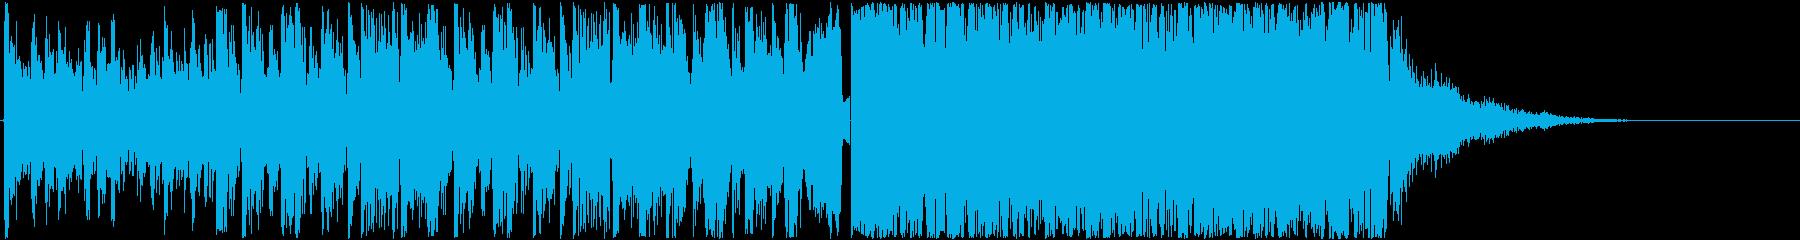 攻撃的で疾走感あるエレクトロの再生済みの波形